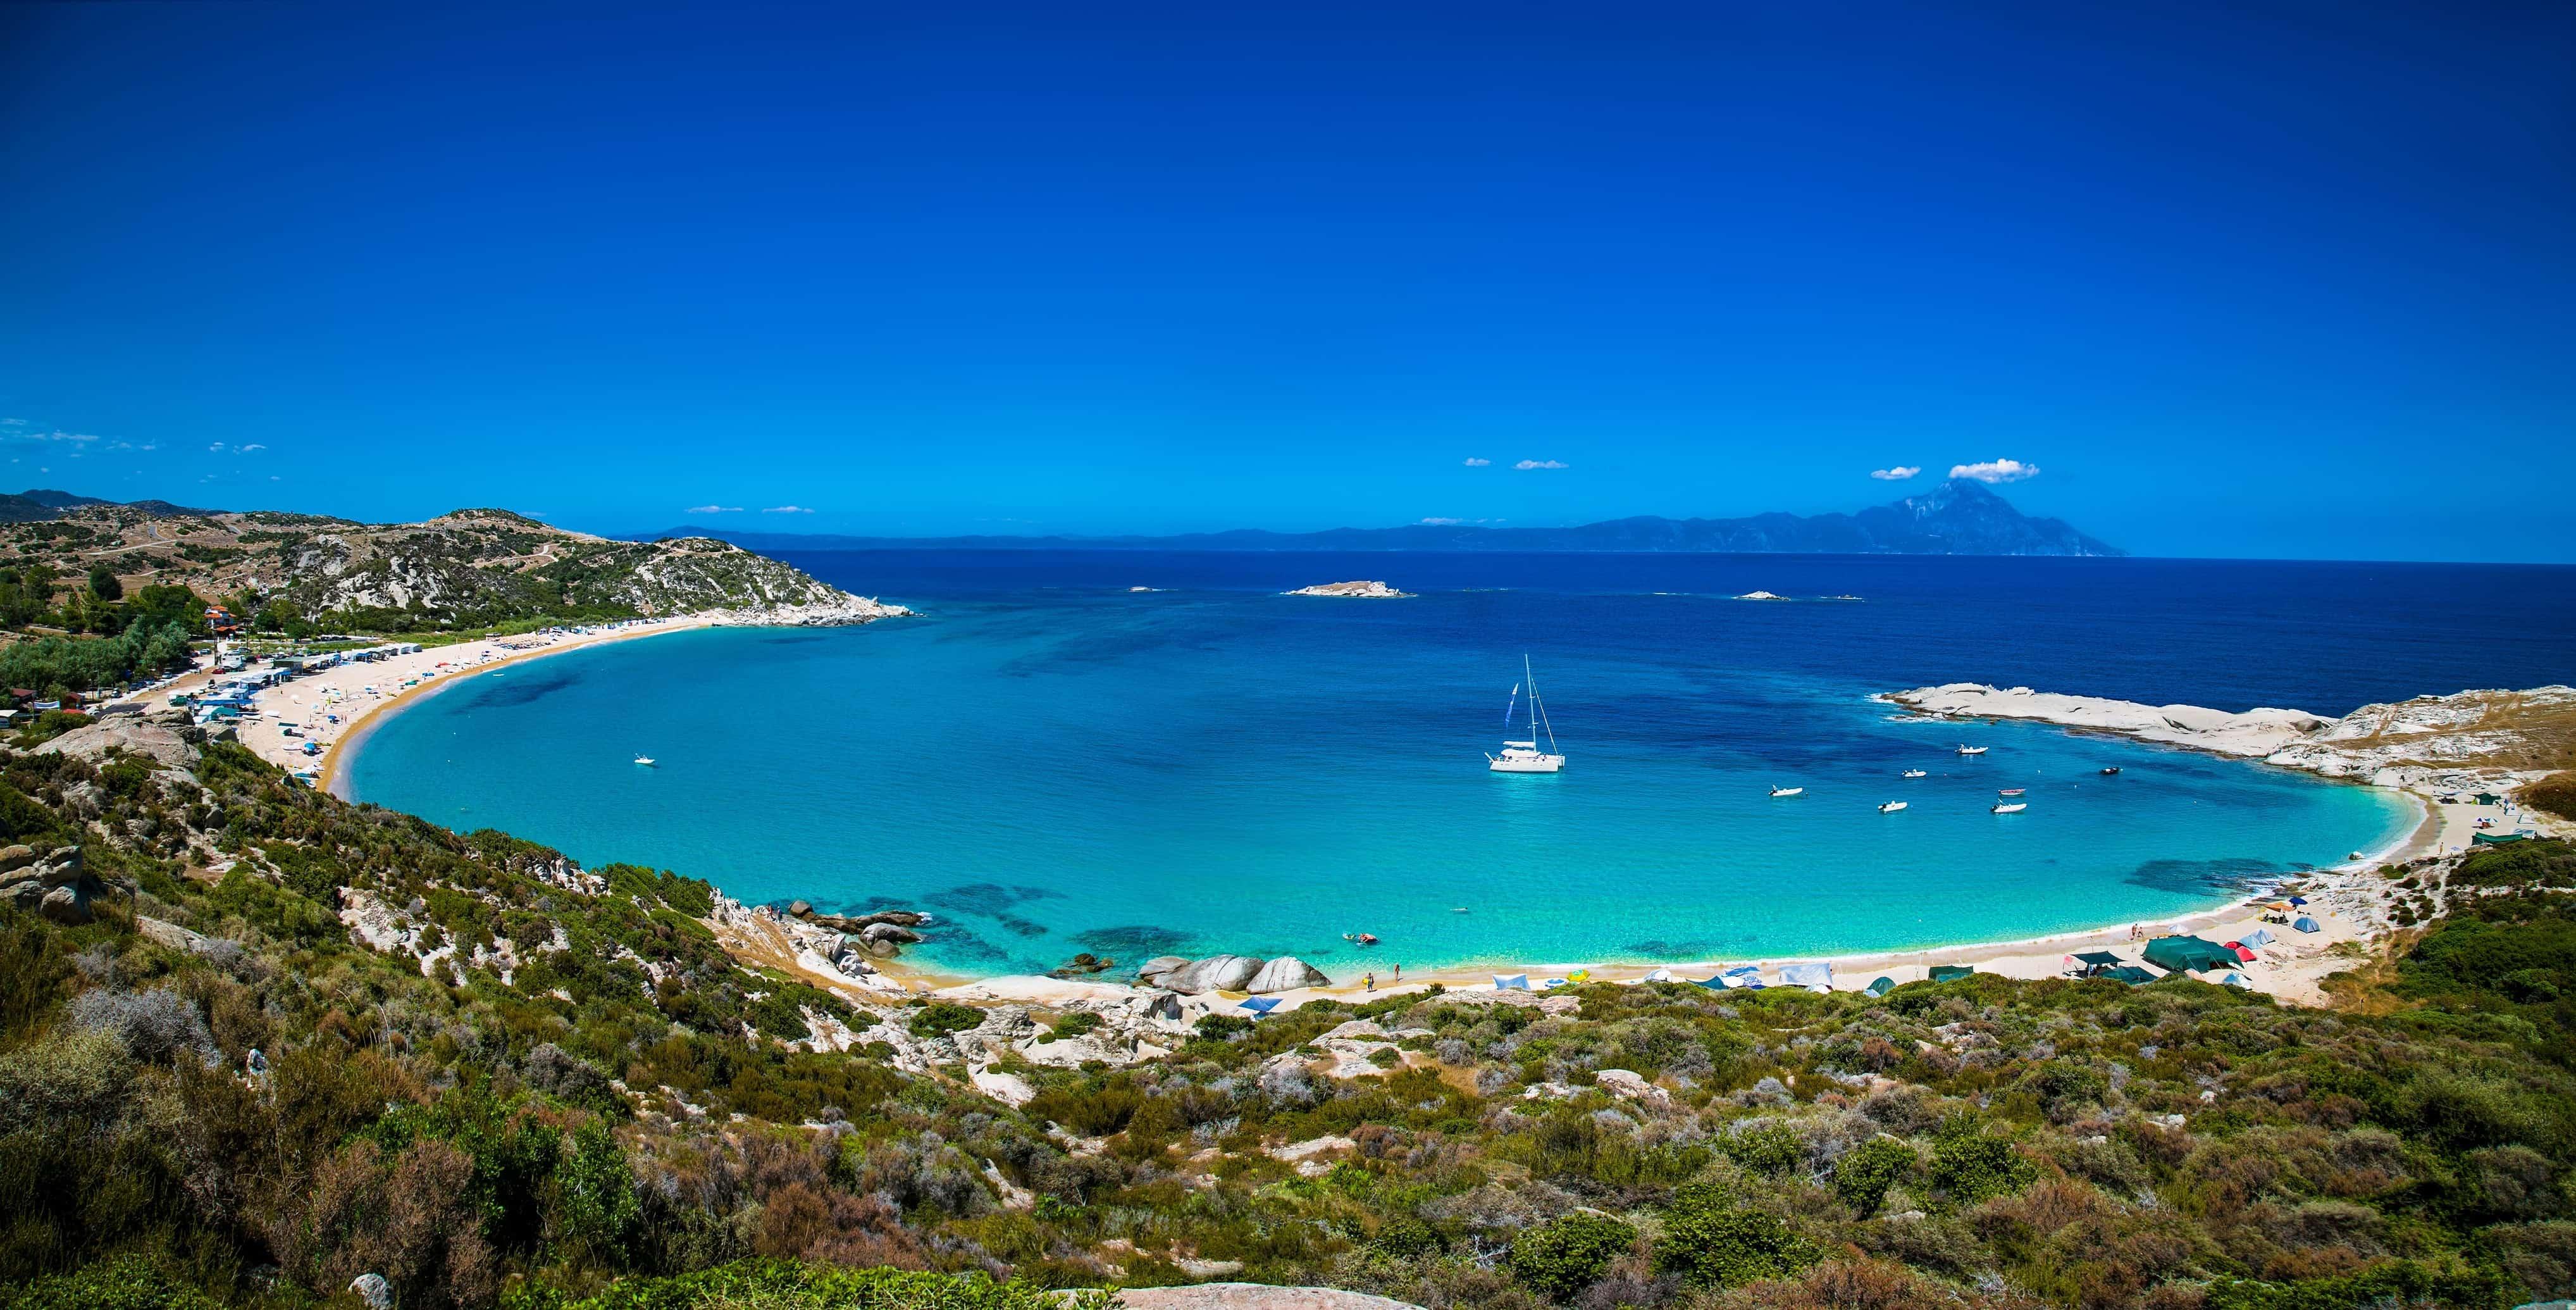 Yunanistan'da Mülk Edinmek Kolay ve Hızlı